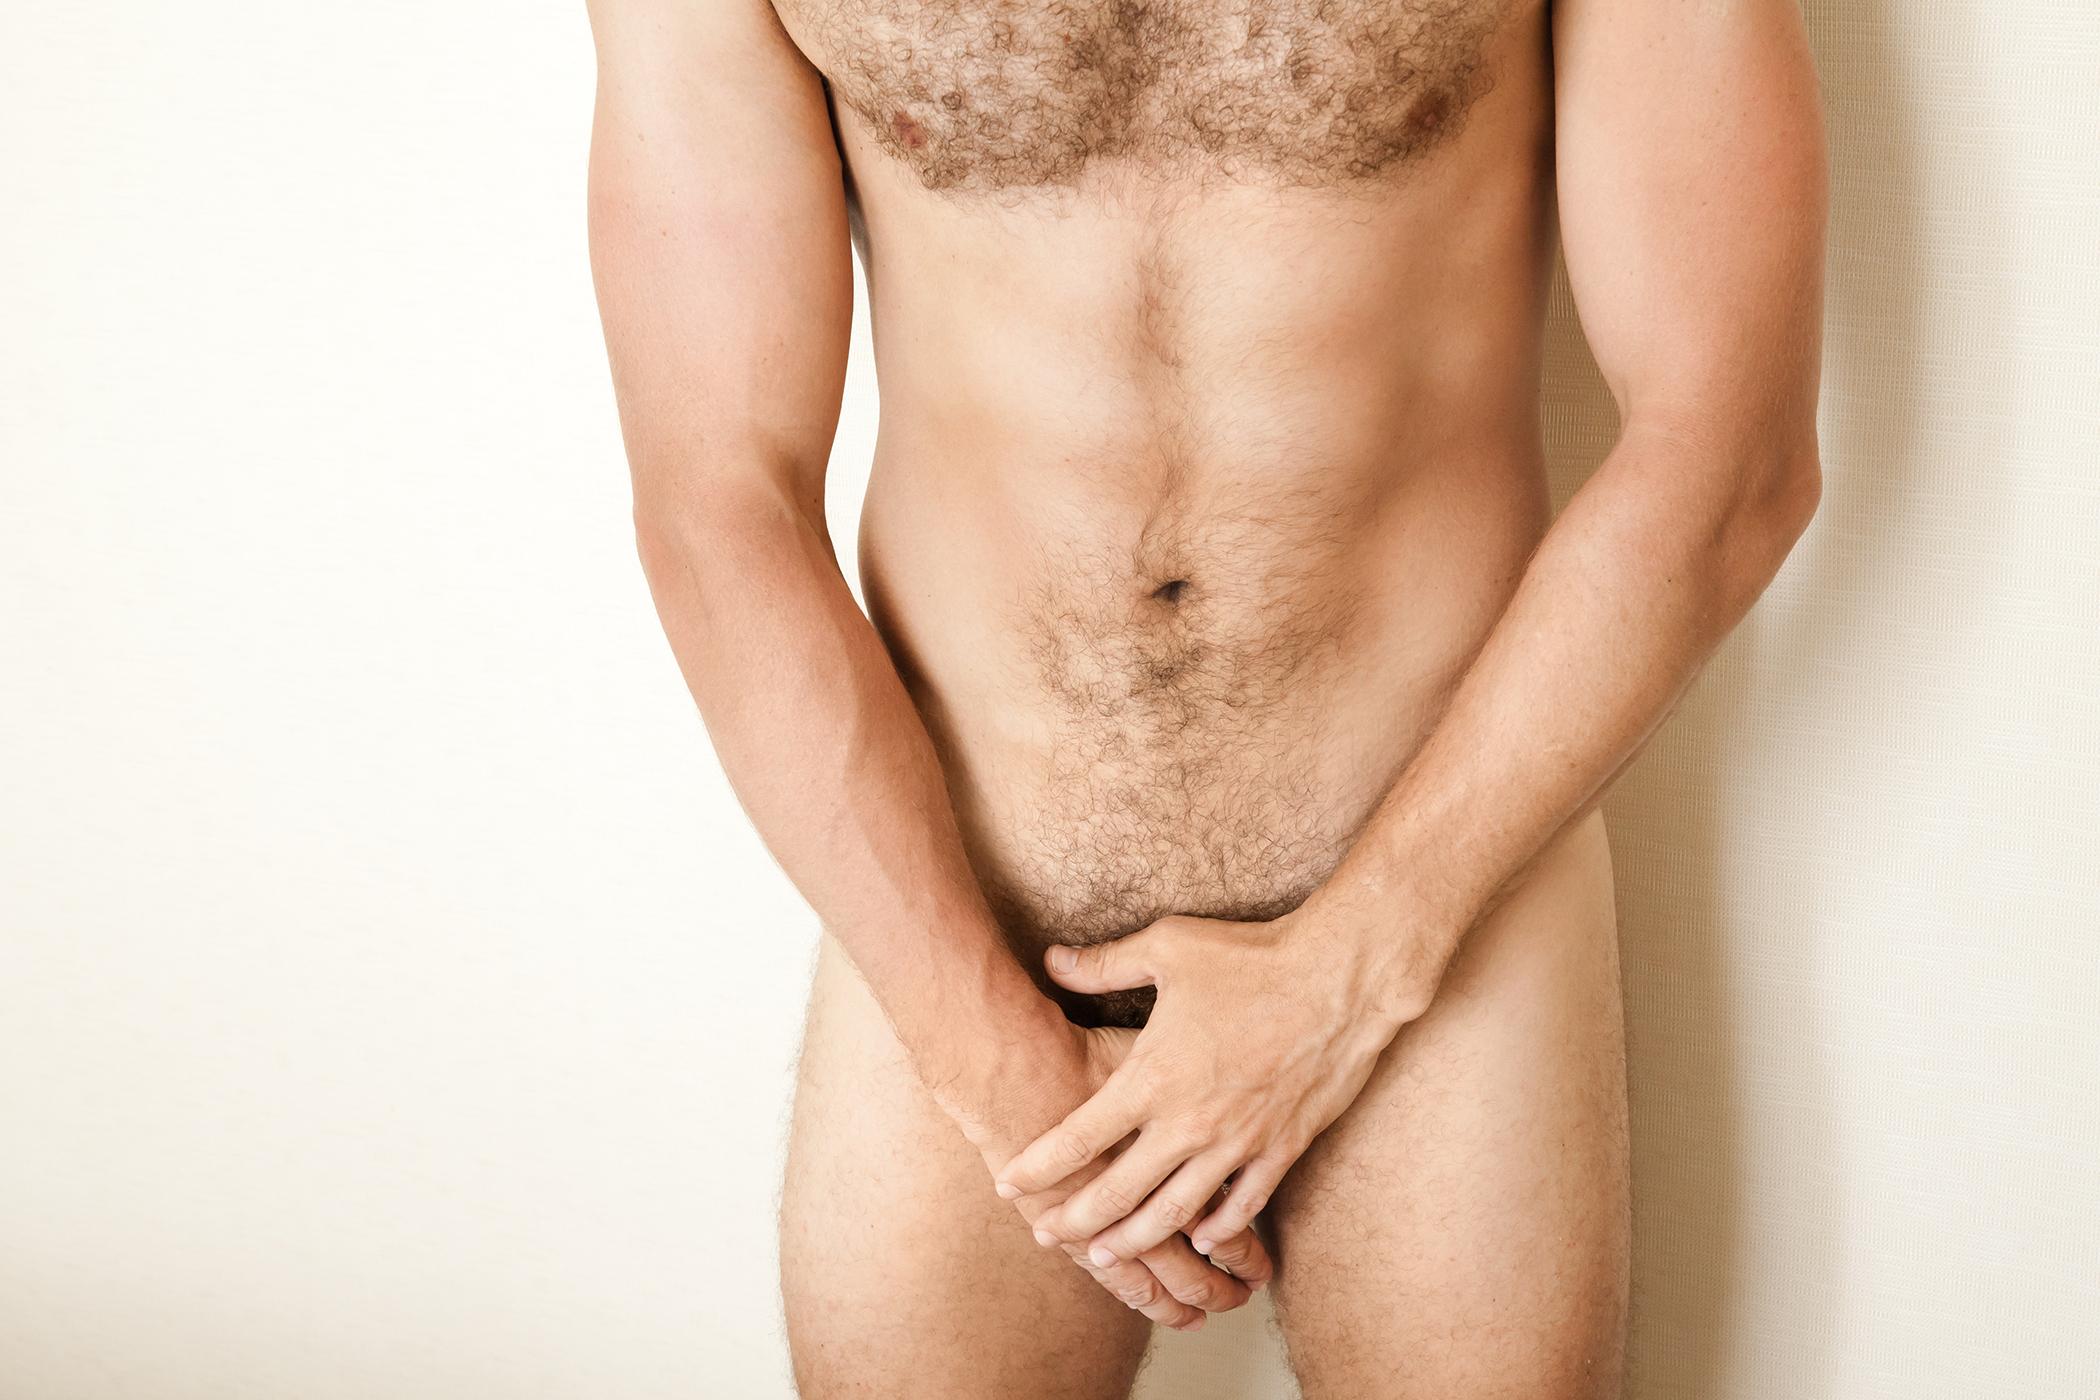 Hány éves korban nő a hímvessző? mit kell tenni a pénisz növekedése érdekében